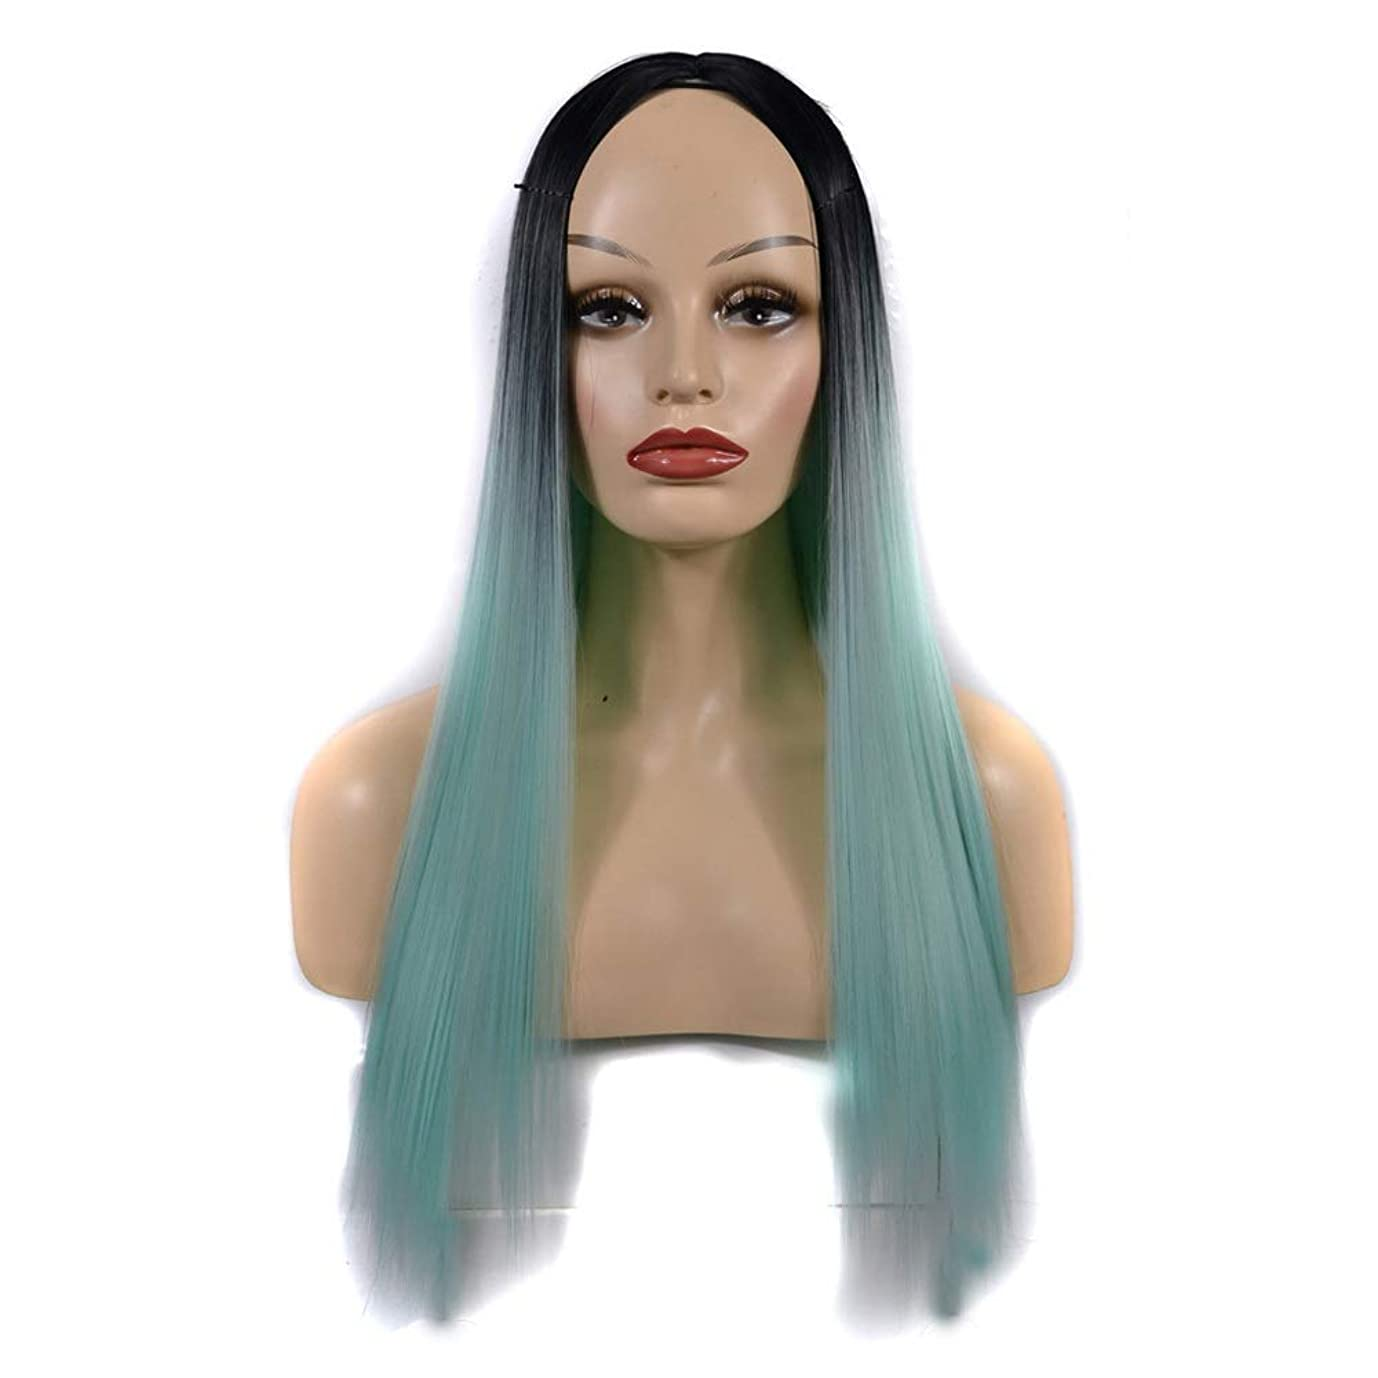 抑圧する区画カメラBOBIDYEE 女性のための合成かつら黒髪の根緑の長いストレートの髪自然なパーティー用ウィッグ (色 : オレンジ, サイズ : 60cm)